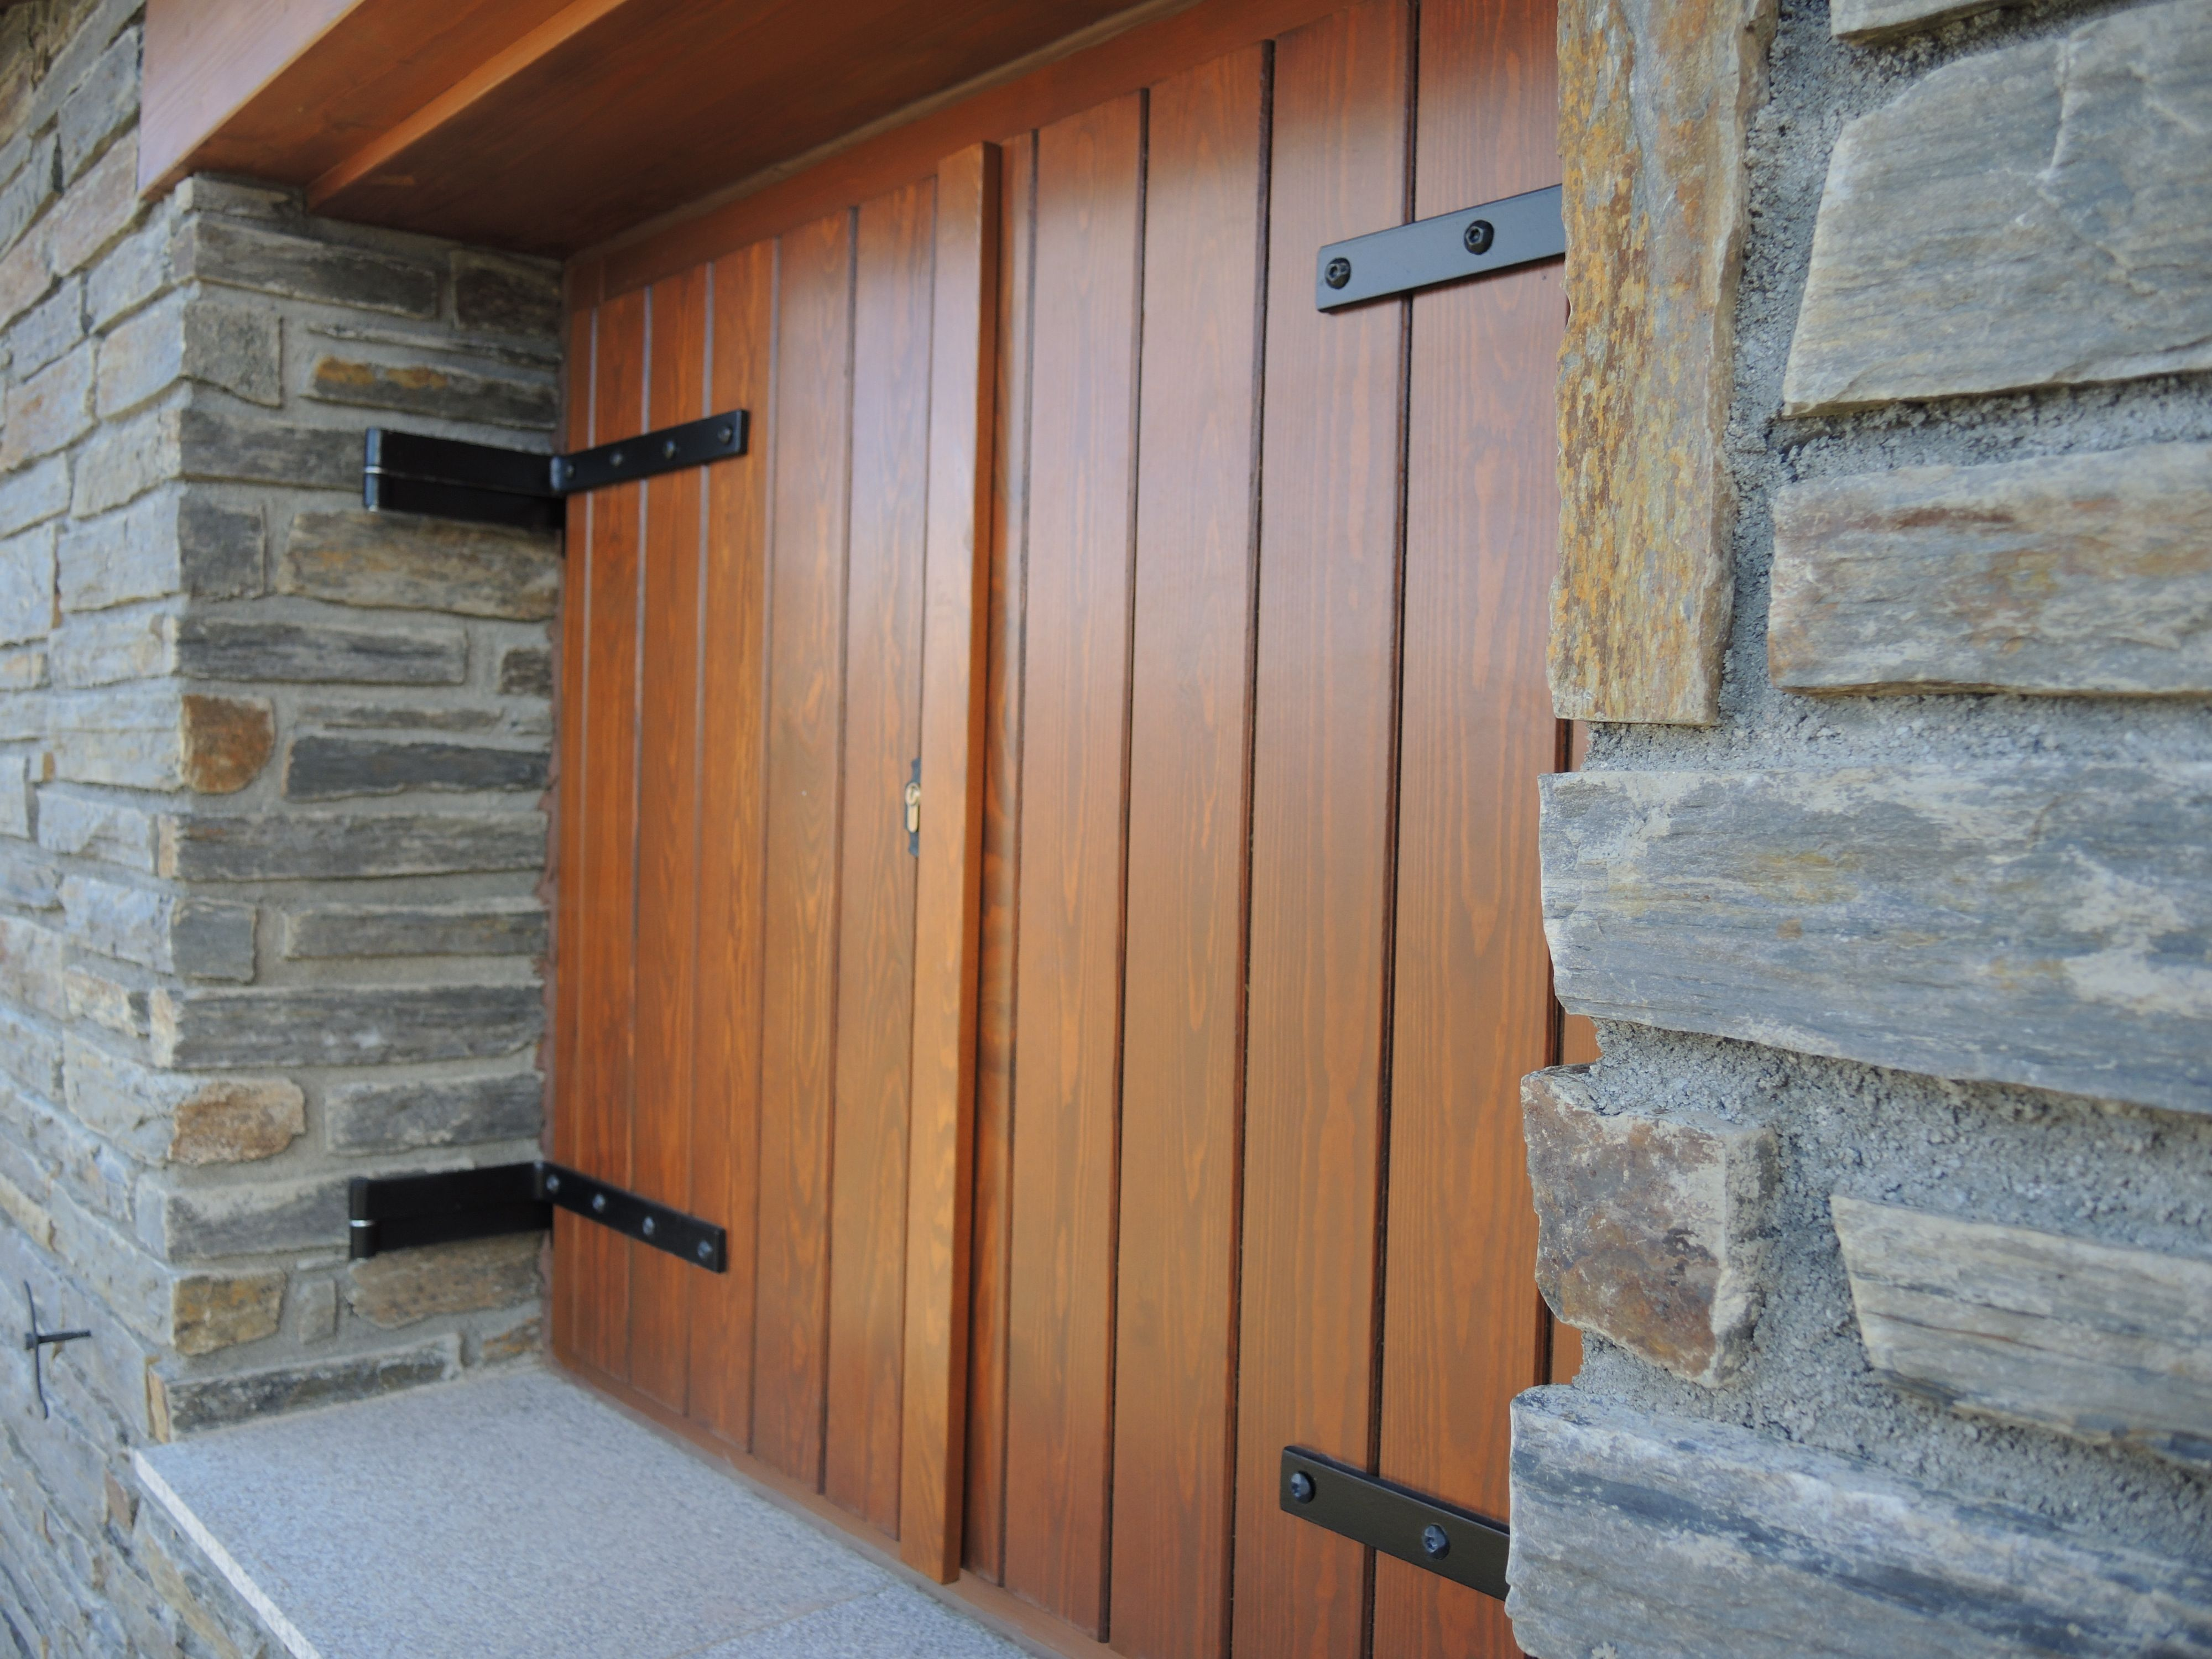 Ventanas de madera iscletec exteriores for Pintar ventanas de madera exterior